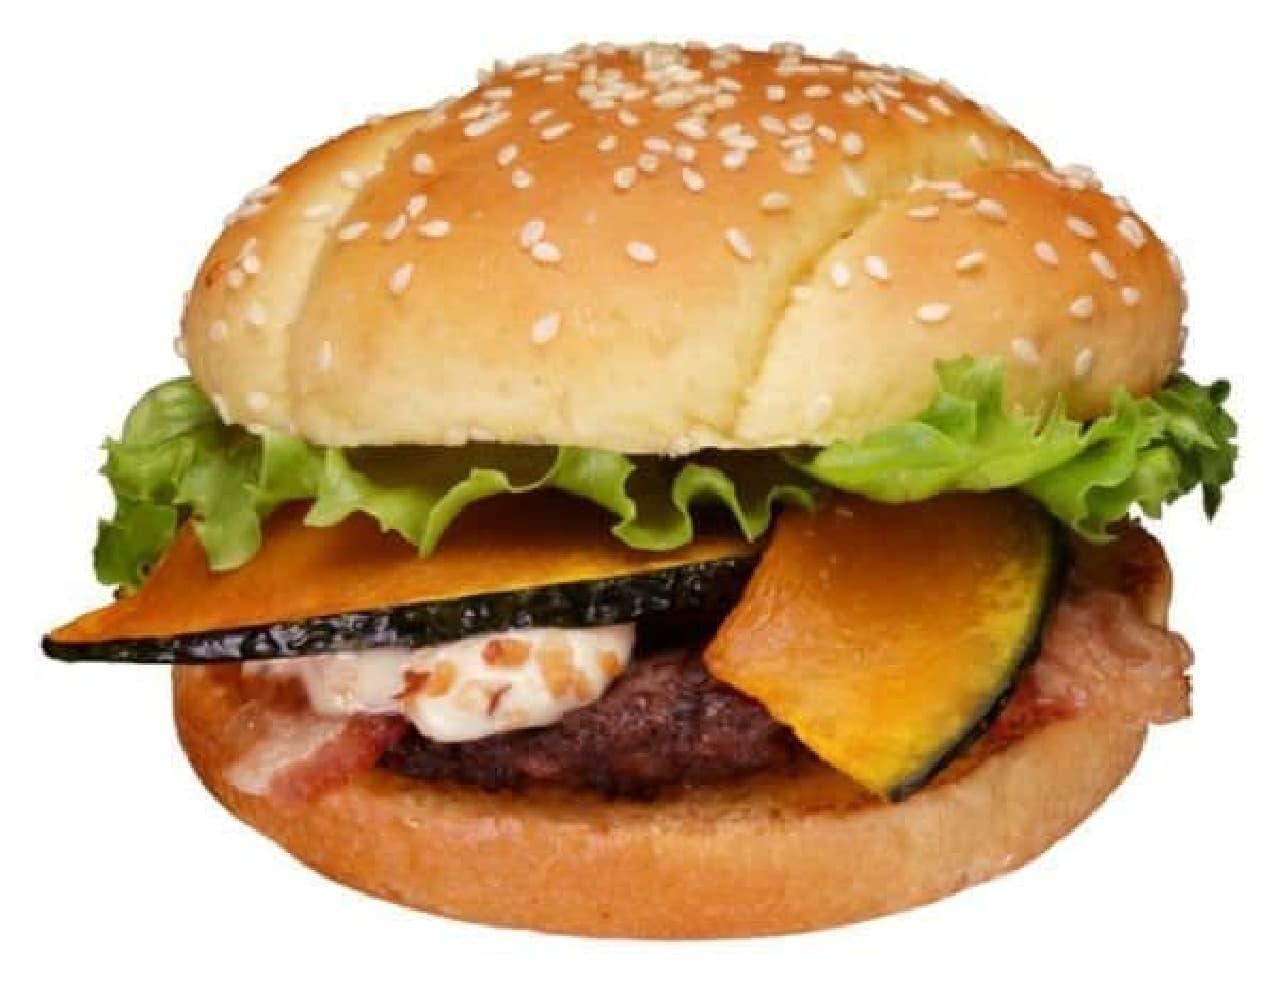 「BK パンプキン」  ハロウィンにぴったりのハンバーガー